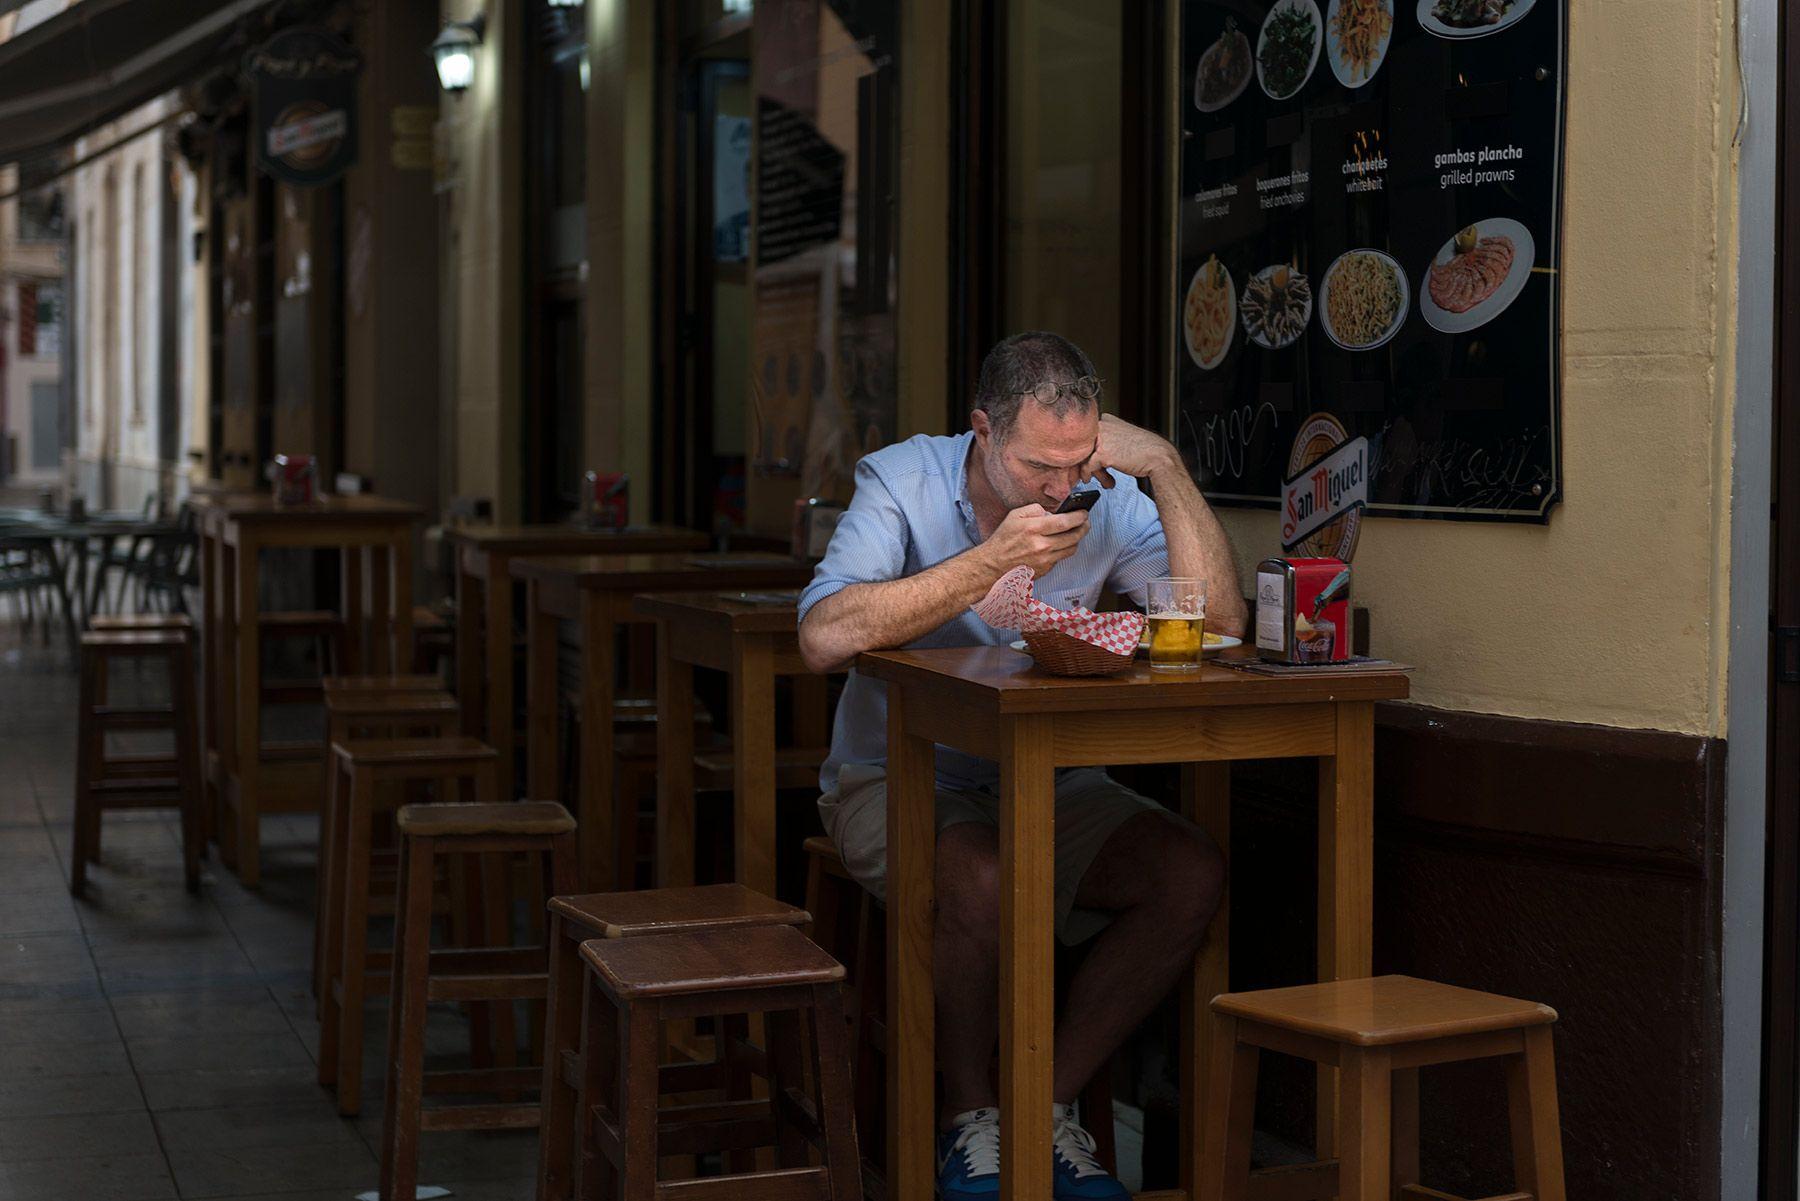 La miopía y el uso  de dispositivo electrónicos